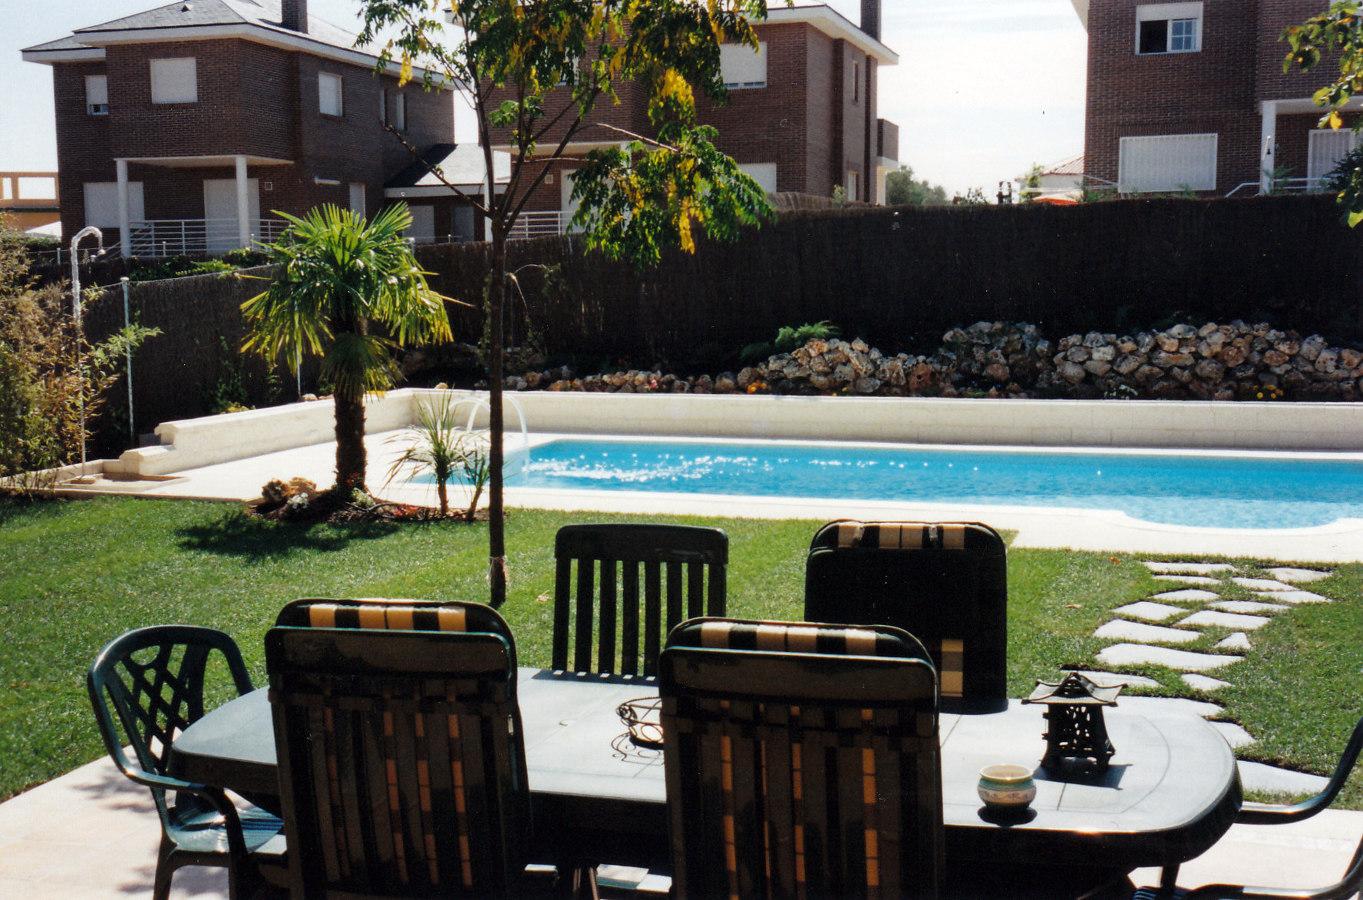 Foto piscina y jardin sevilla la nuena de jardines paco s for Piscina ciudad jardin sevilla